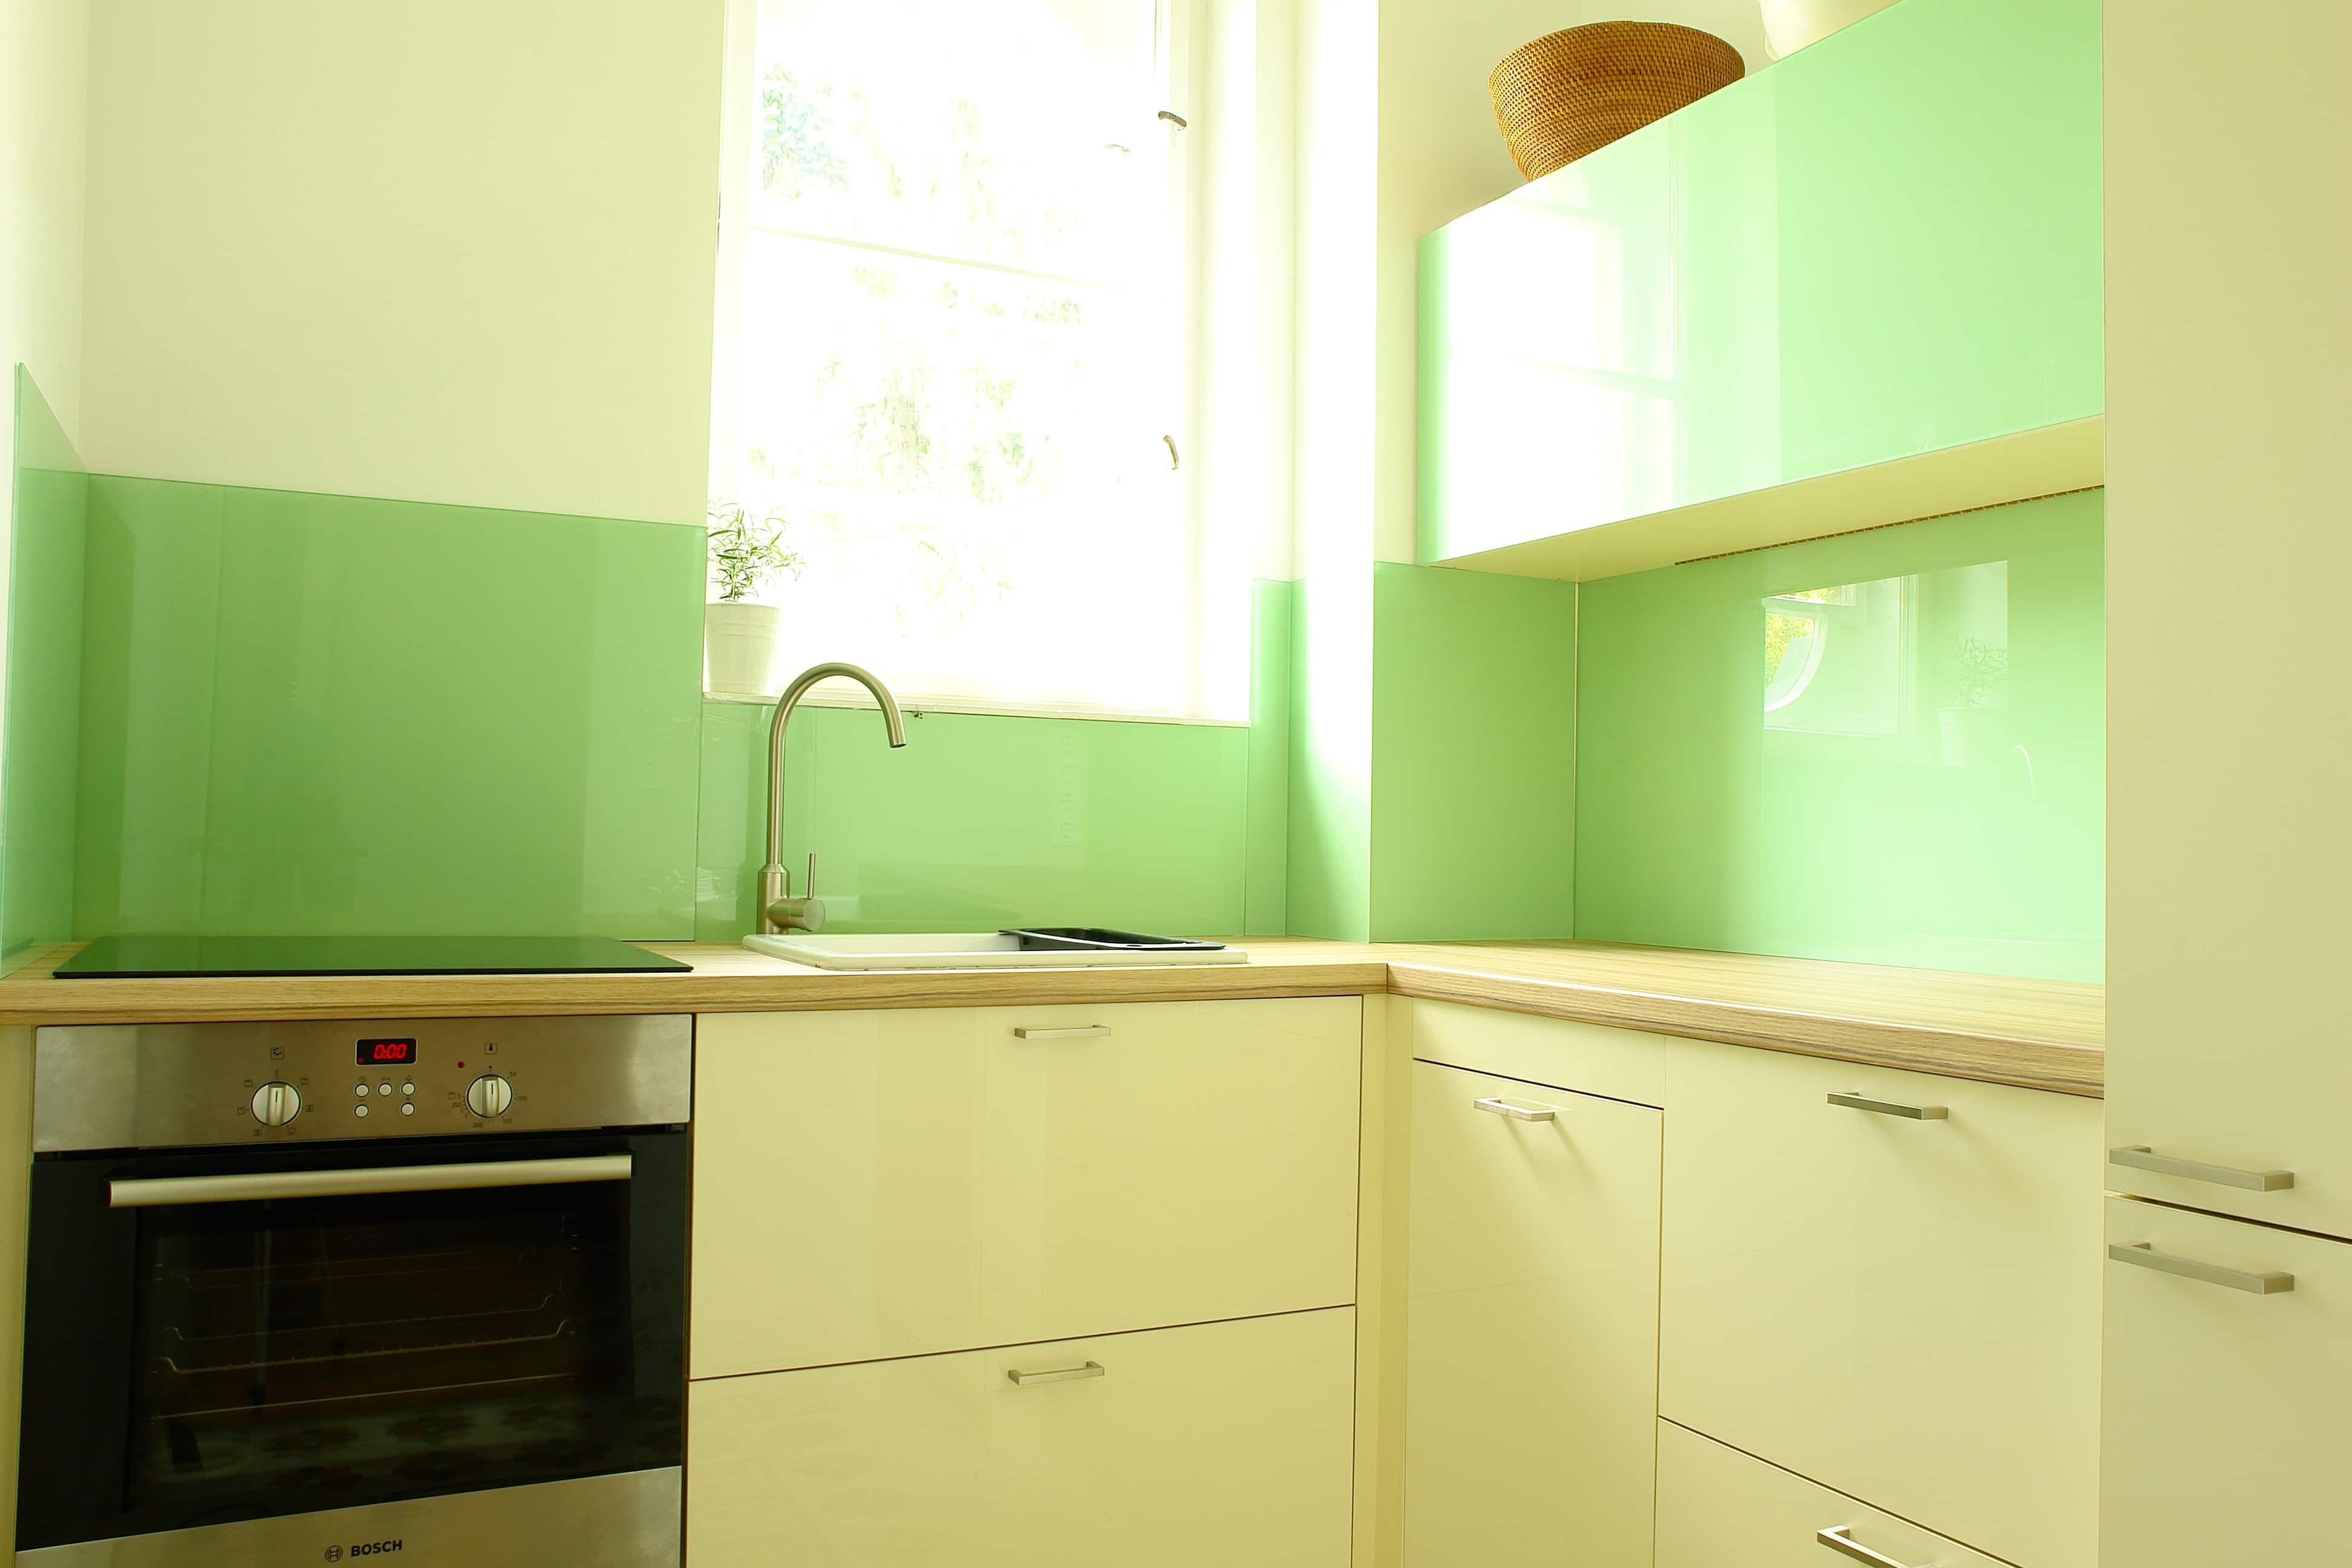 Kis konyha - az almazöld szín teszi izgalmassá